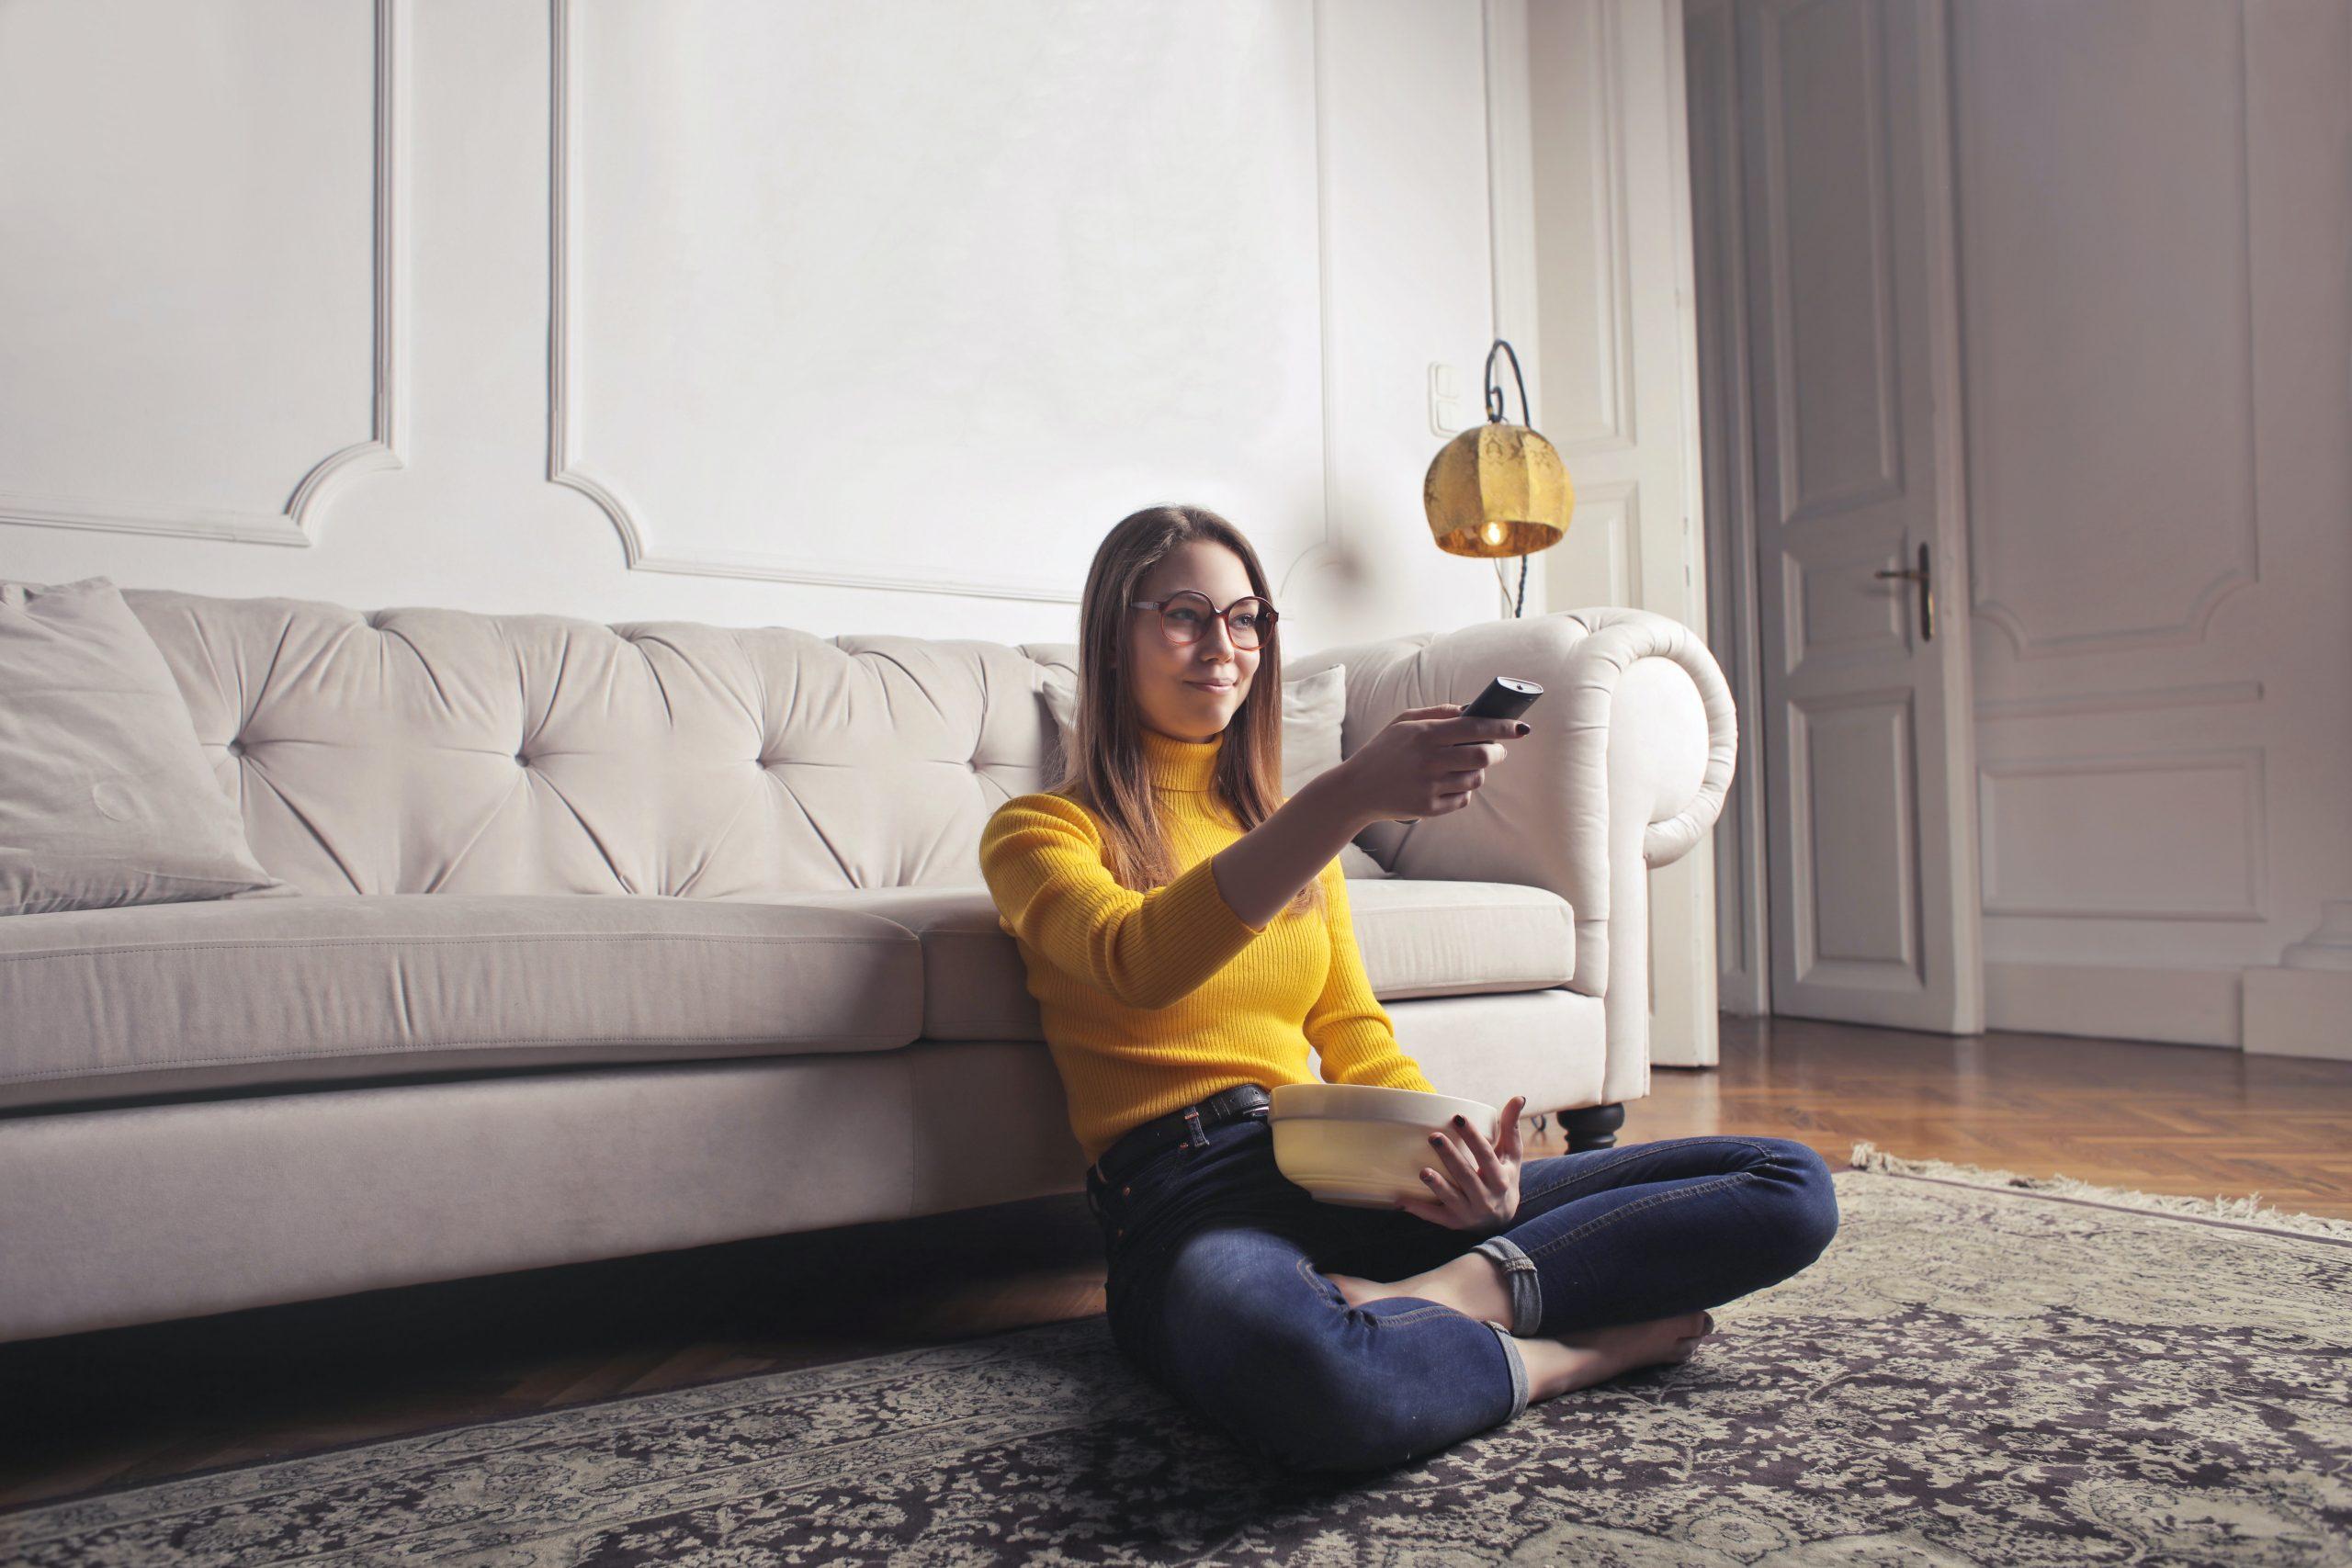 מיזוג אויר – סוגי השליטה בבית חכם